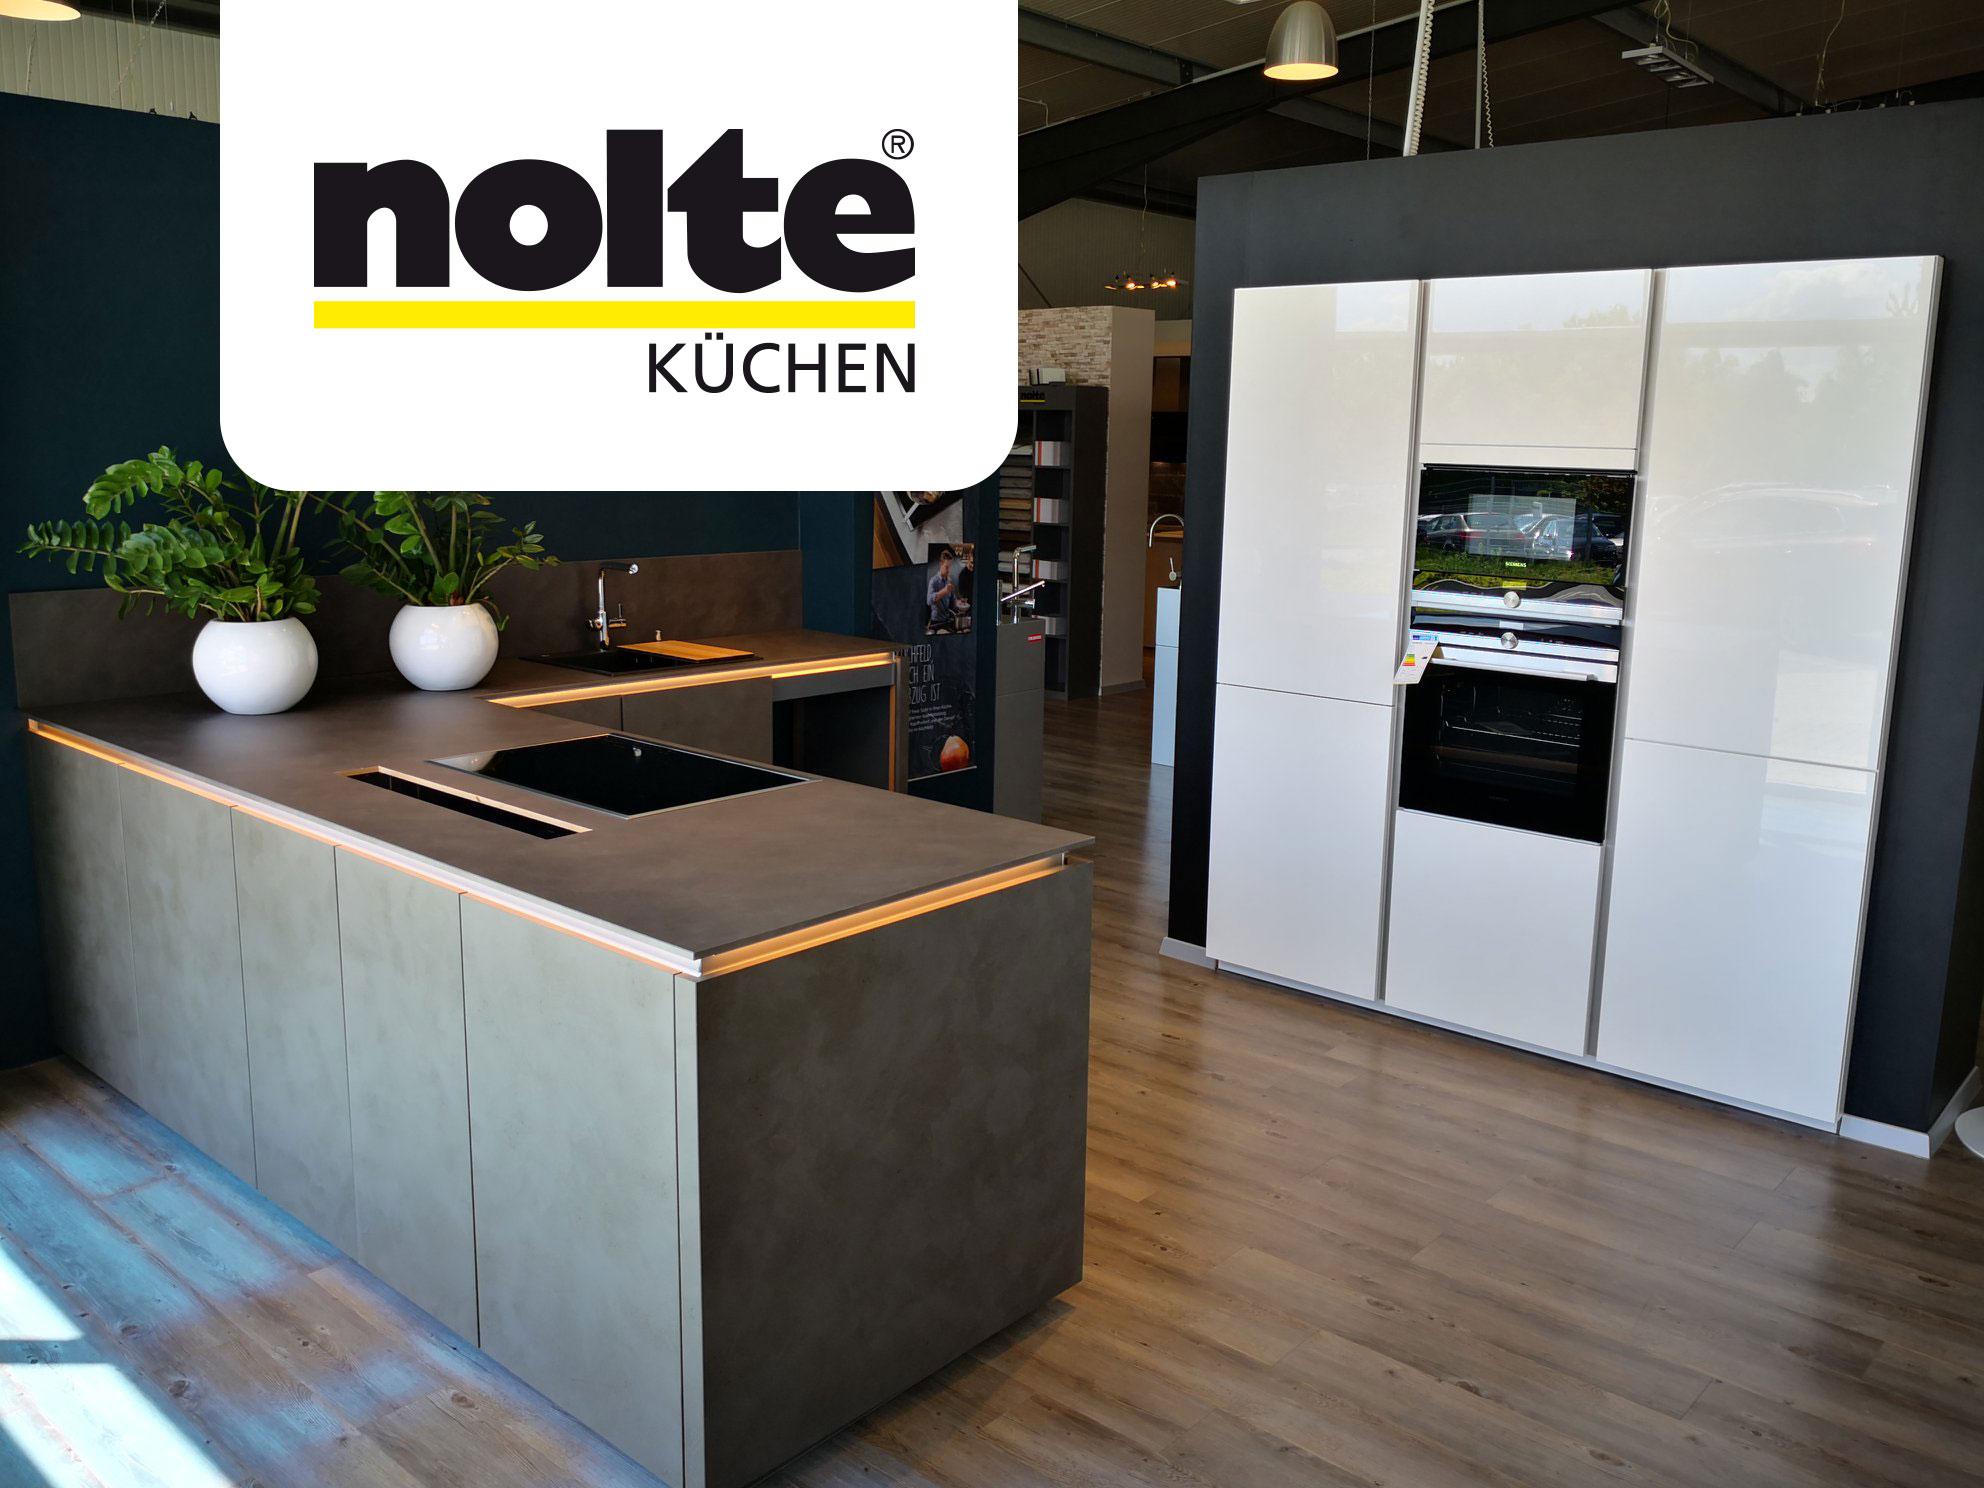 Nolte Küchen ab sofort bei Robertus Küchen in Ibbenbüren ...